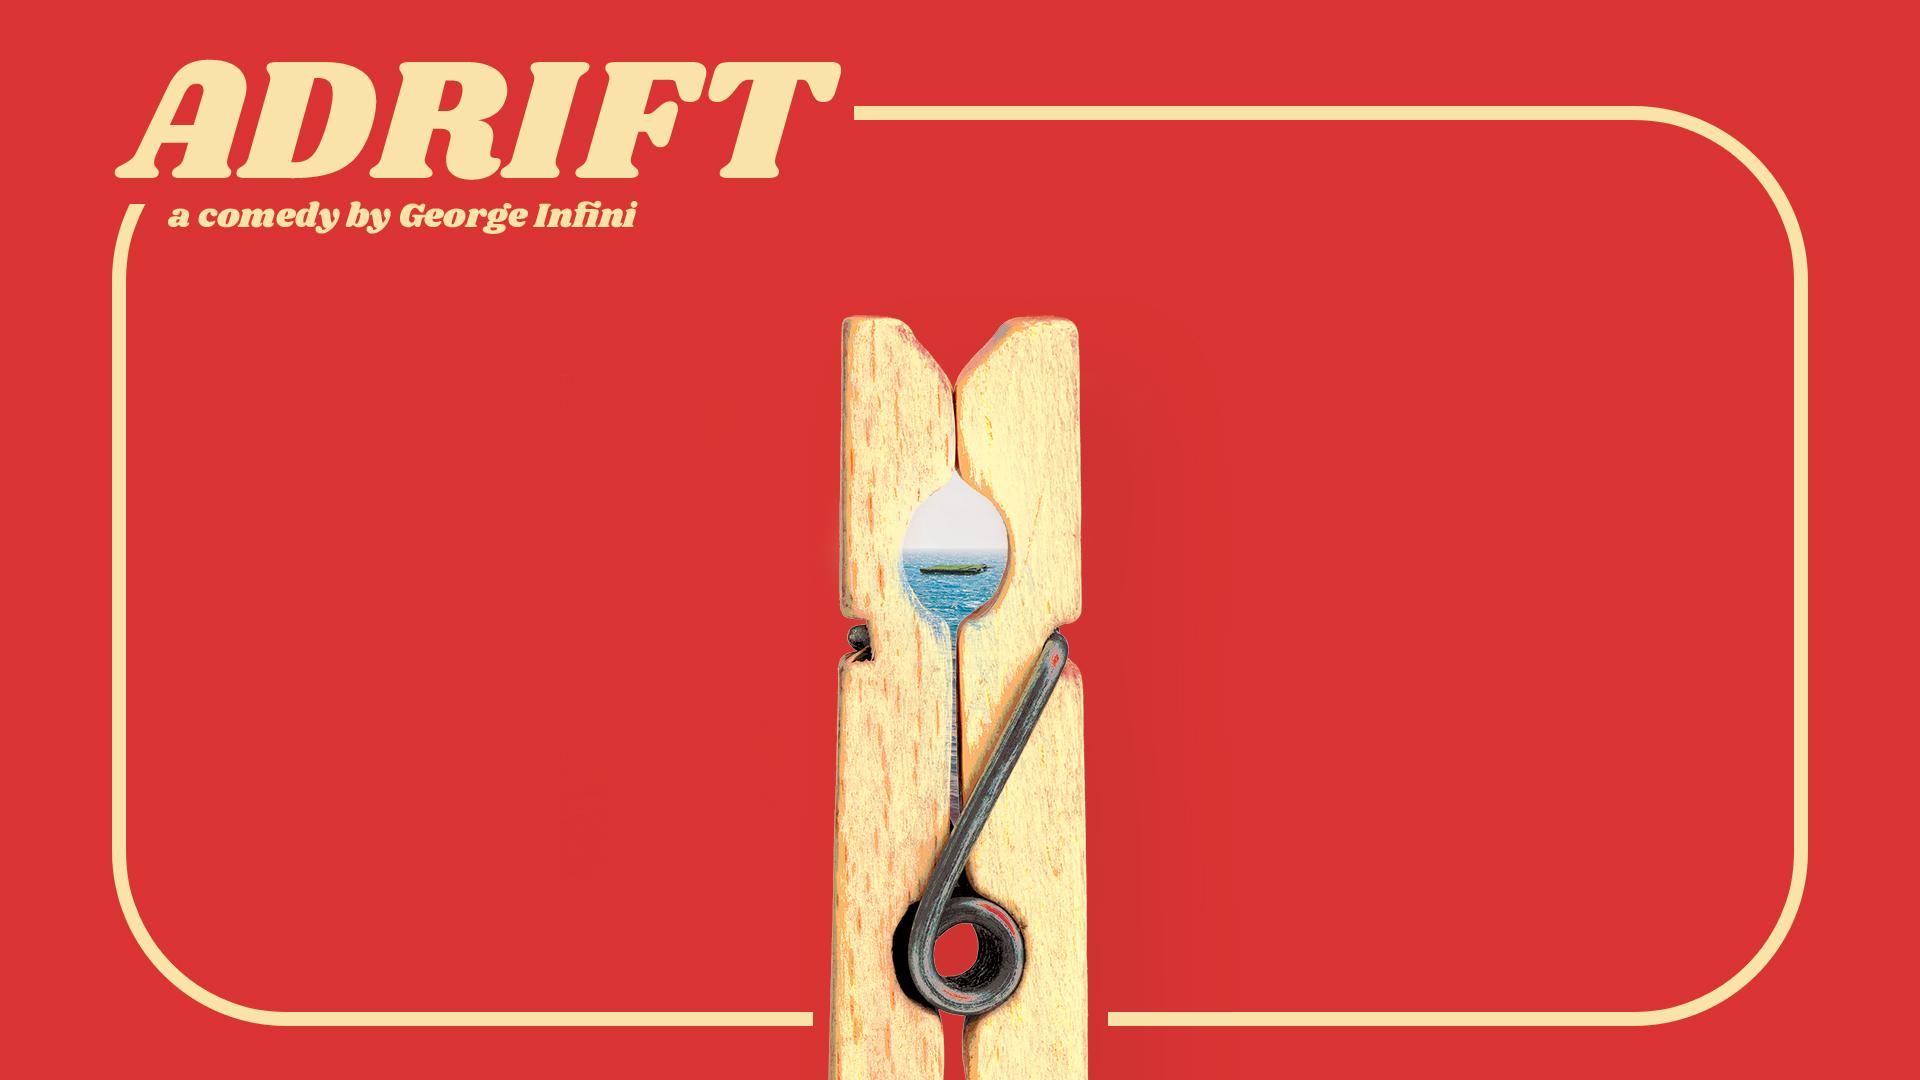 Adrift-Header.jpg